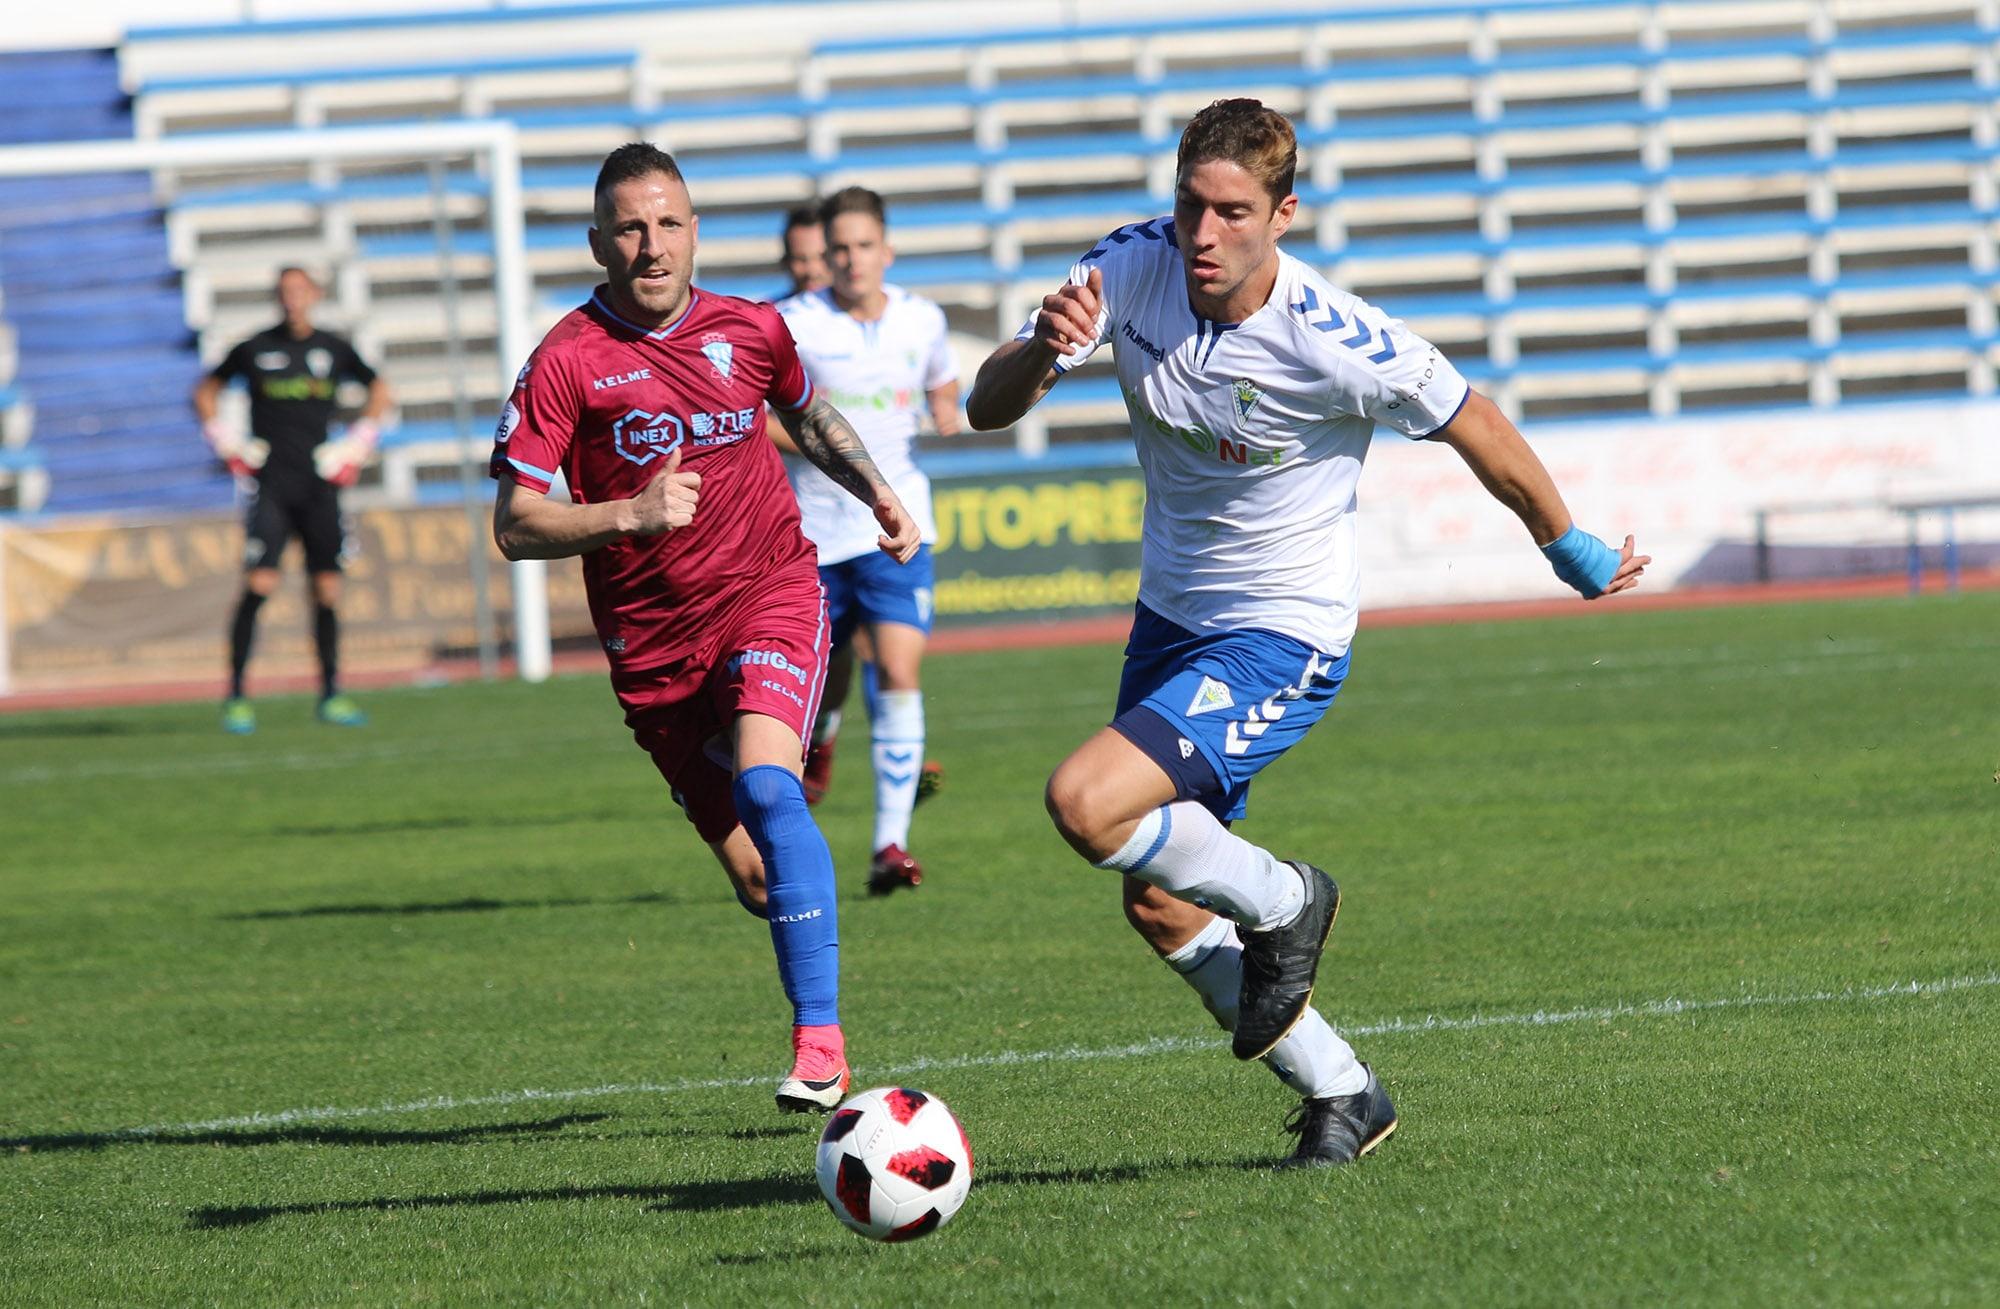 El Marbella F.C. cae frente al Jumilla (0-3) en el primer partido del año